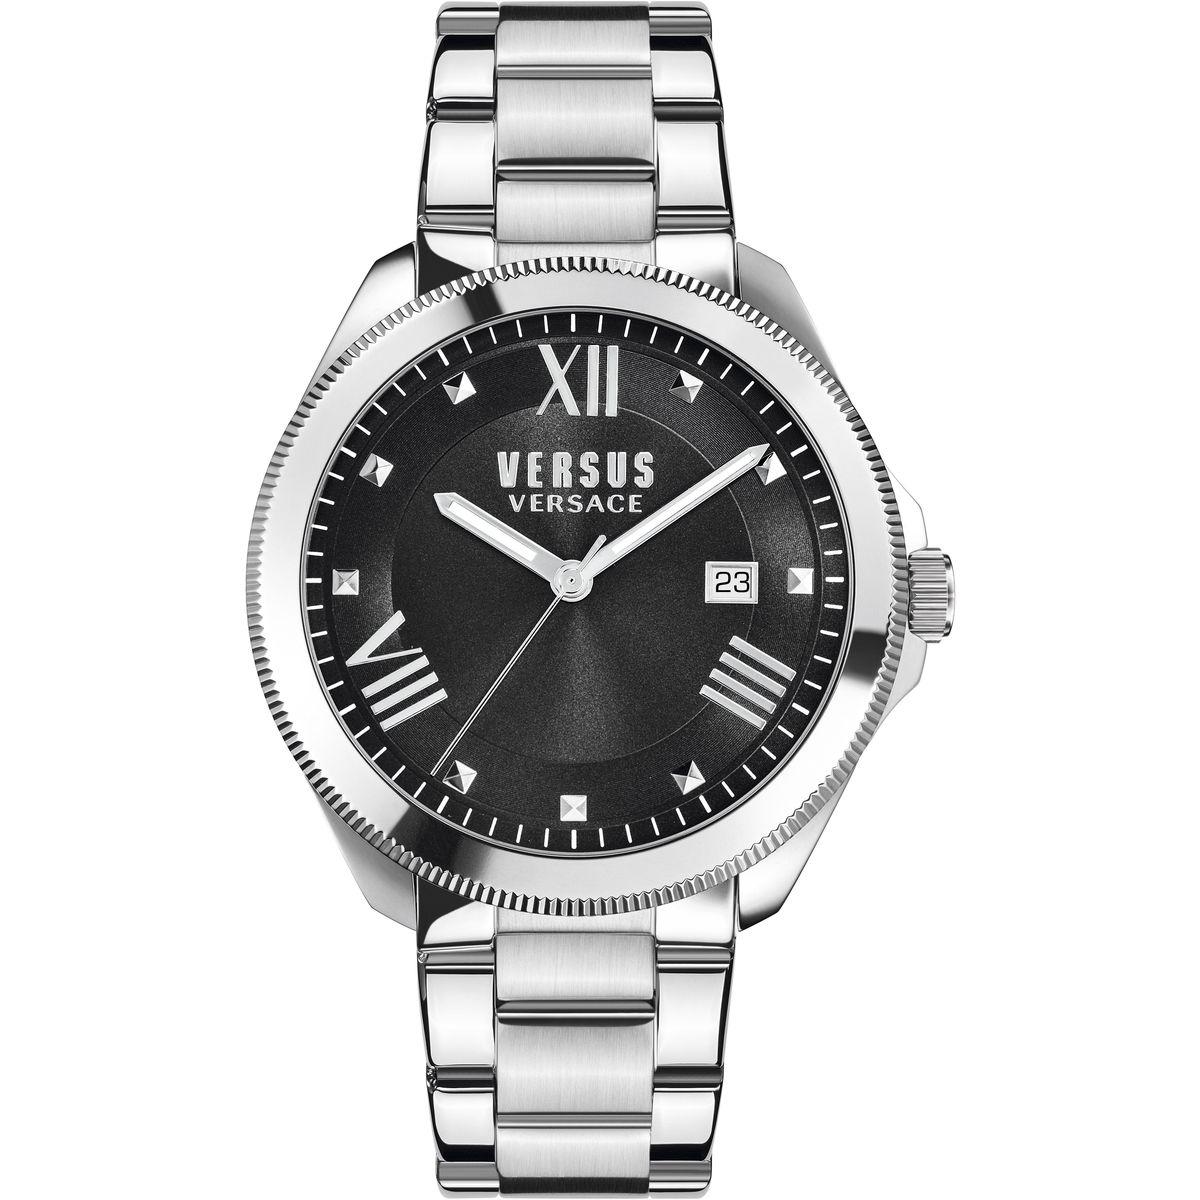 Наручные часы женские Versus Versace, цвет: стальной, черный. SBE040015SBE0400153 стрелки, механизм кварцевый Citizen_2025, сталь, диаметр циферблата 38 мм, браслет, застежка из стали, стекло минеральное, водонепроницаемость - 3 АТМ